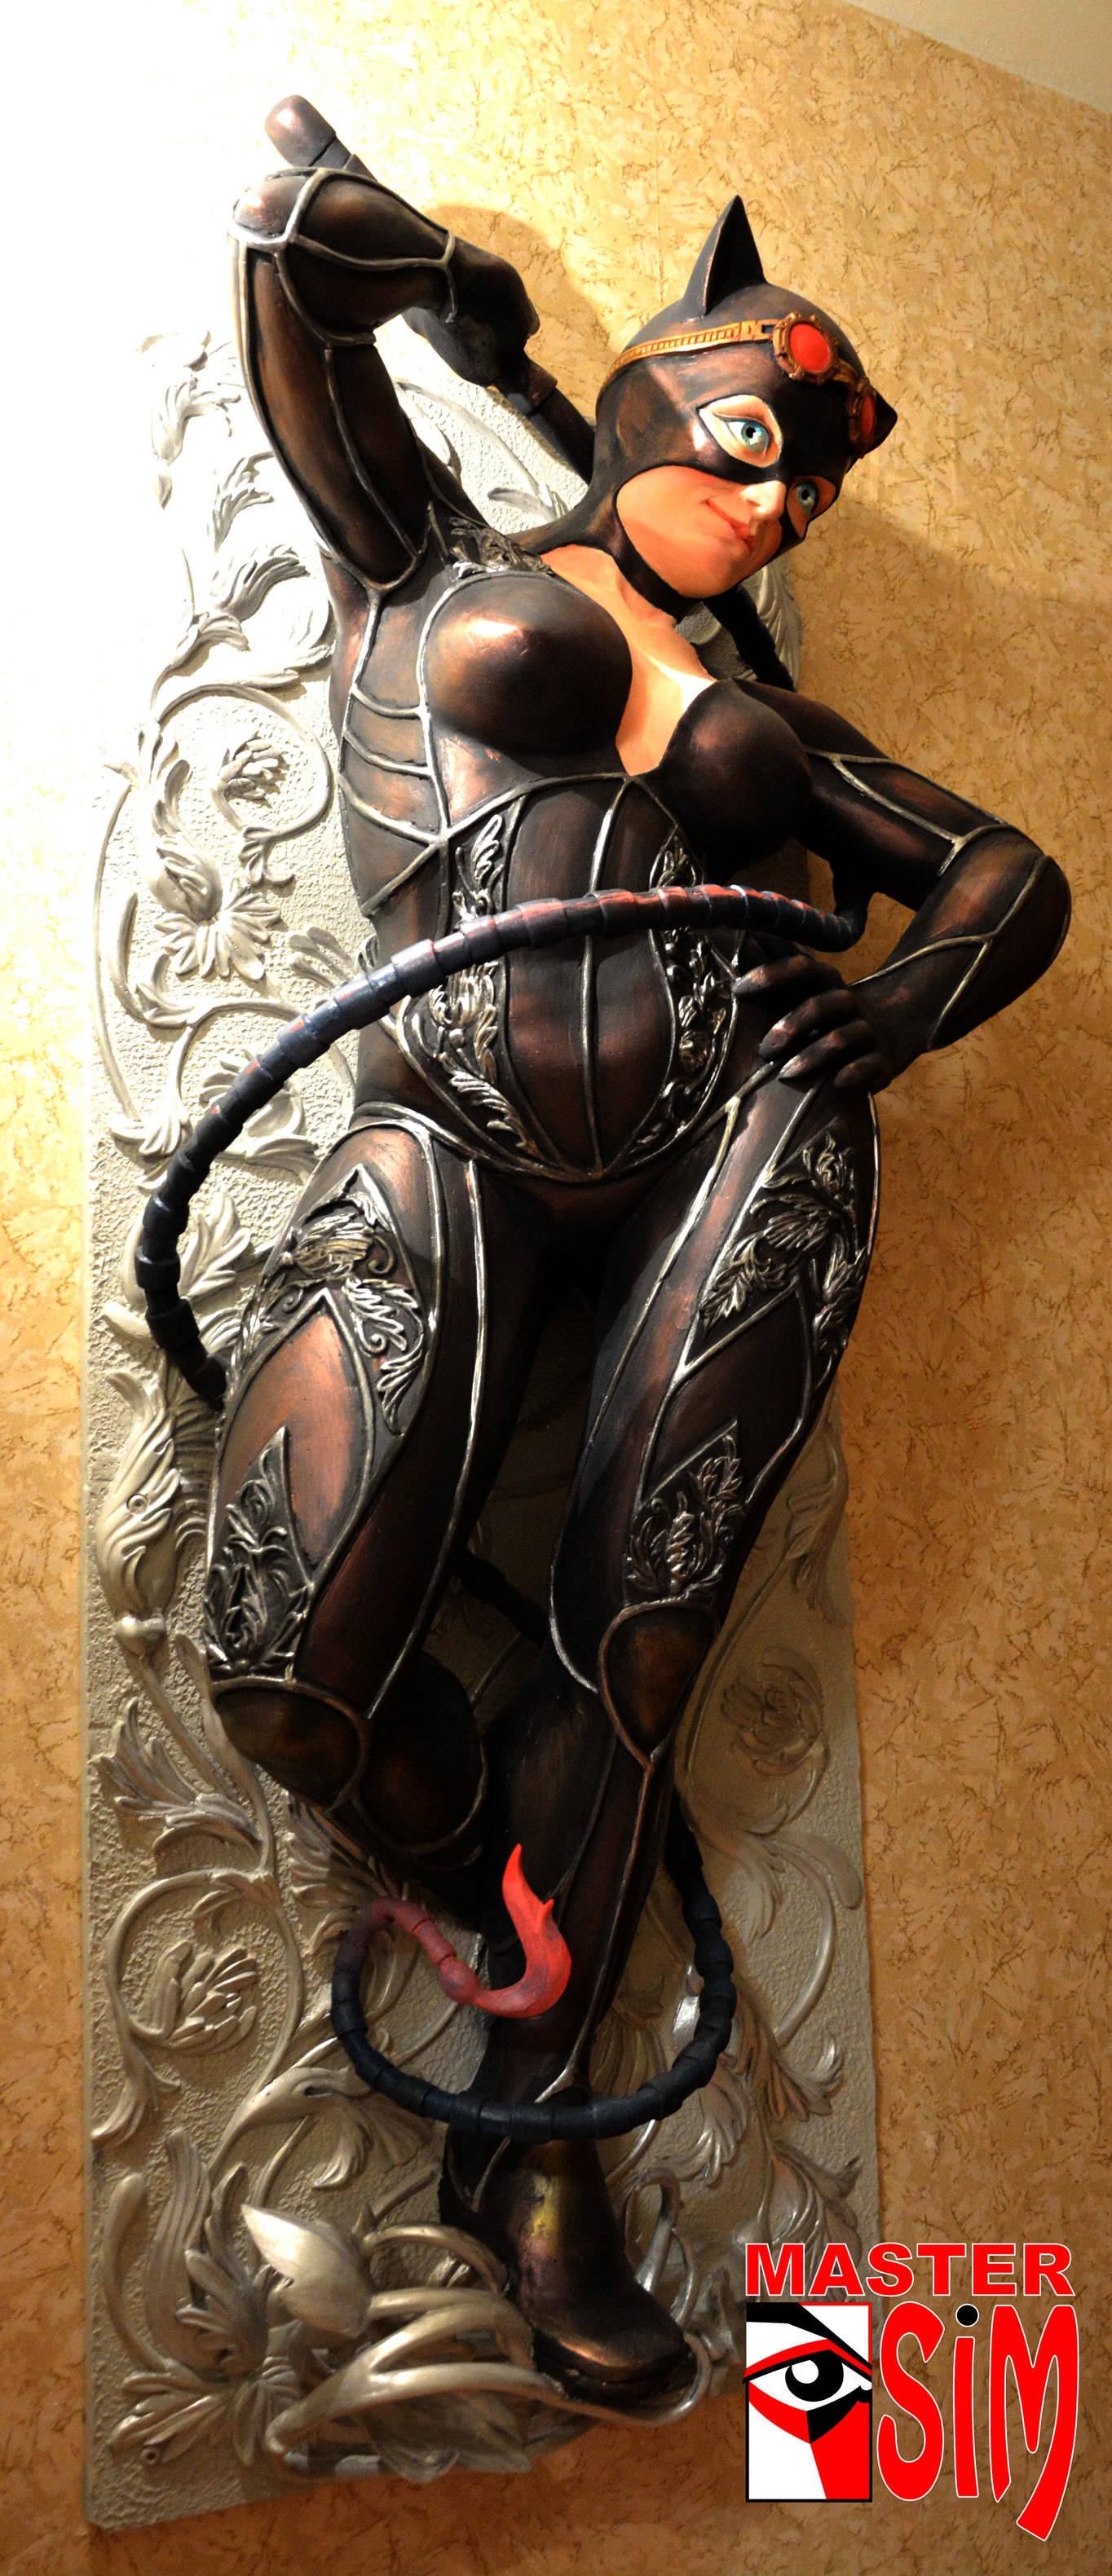 Барельеф (горельеф) Женщина Кошка Санкт Петербург.